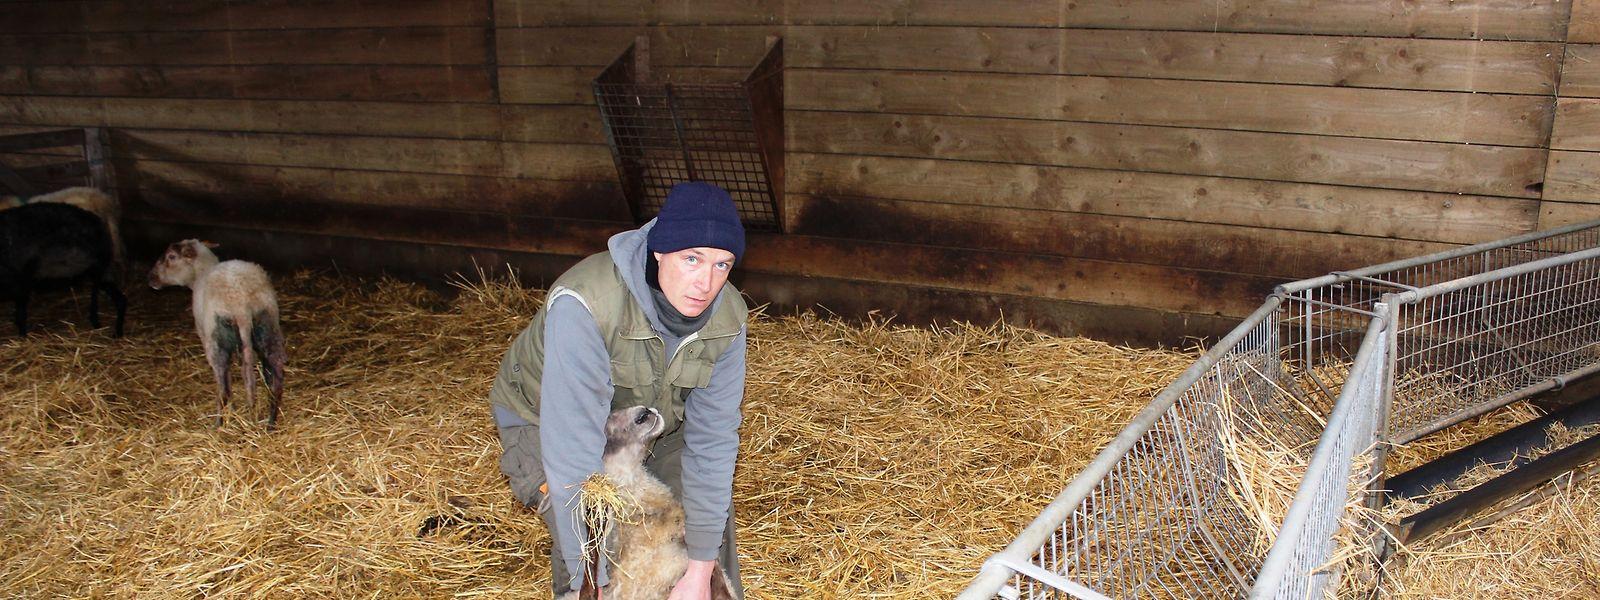 Stijn Vandijc mit einem der verwundeten Schafe. Ein anderes Tier wurde getötet.